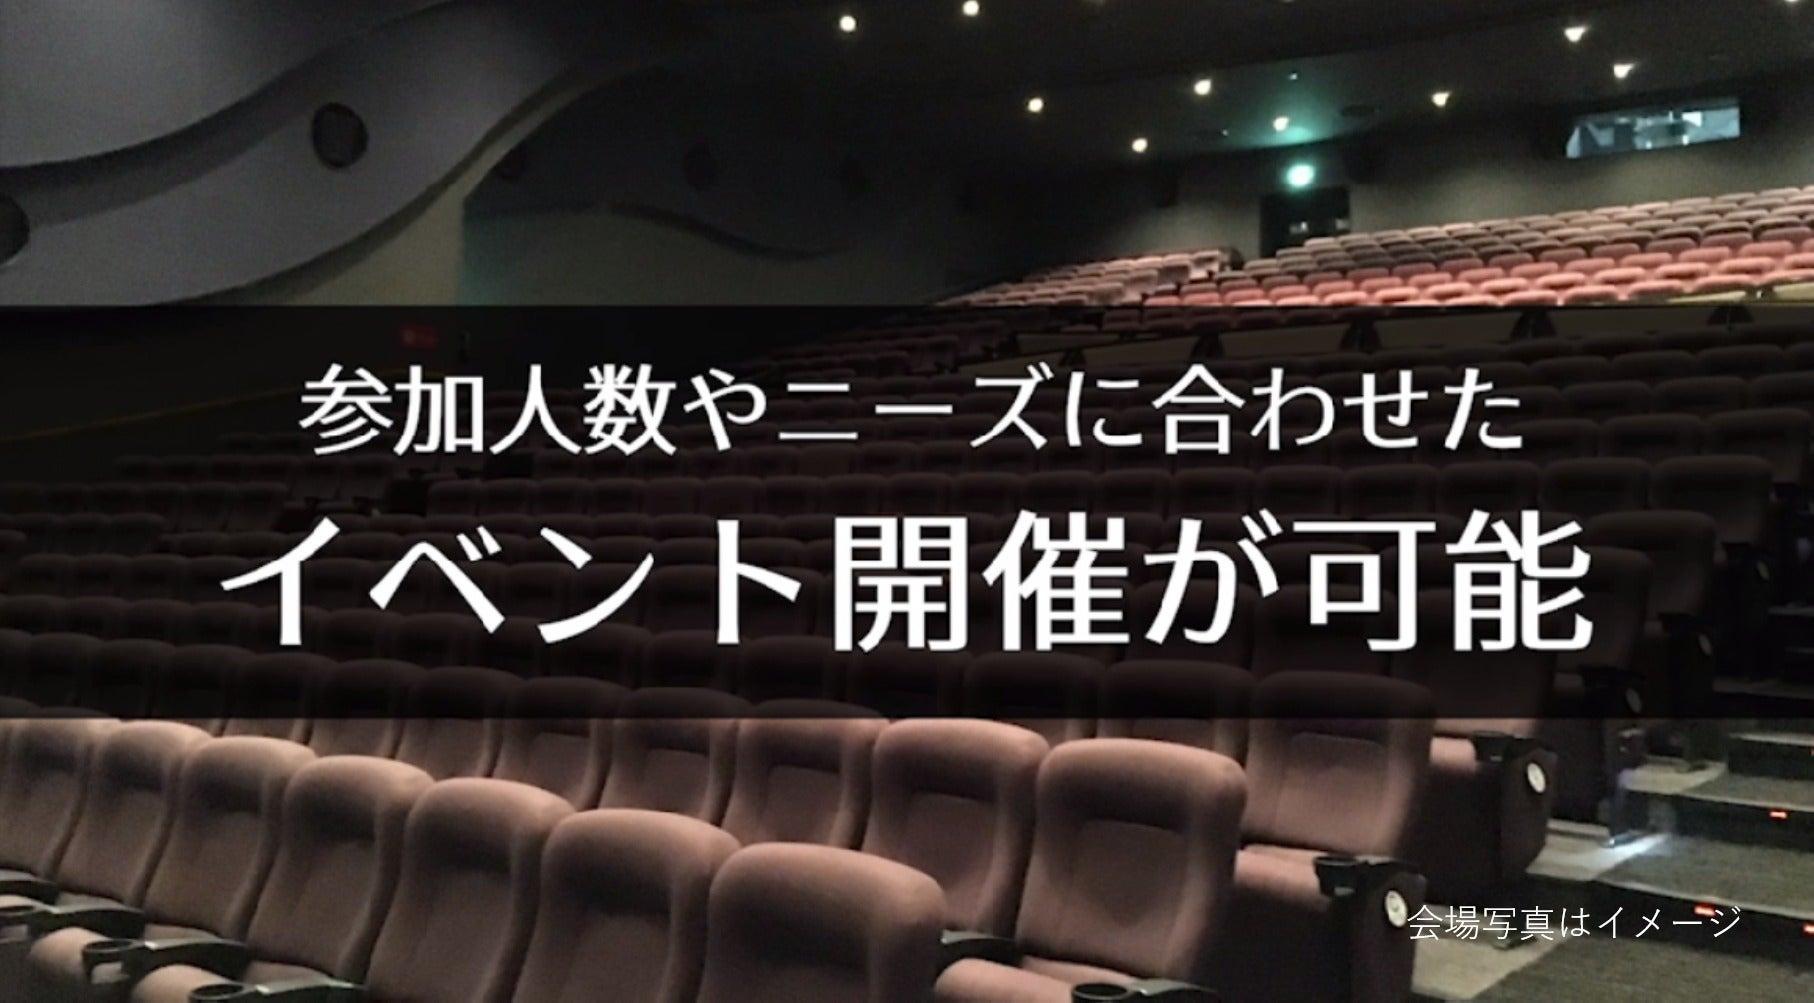 【前橋 503席】映画館で、会社説明会、株主総会、講演会の企画はいかがですか?(ユナイテッド・シネマ前橋) の写真0